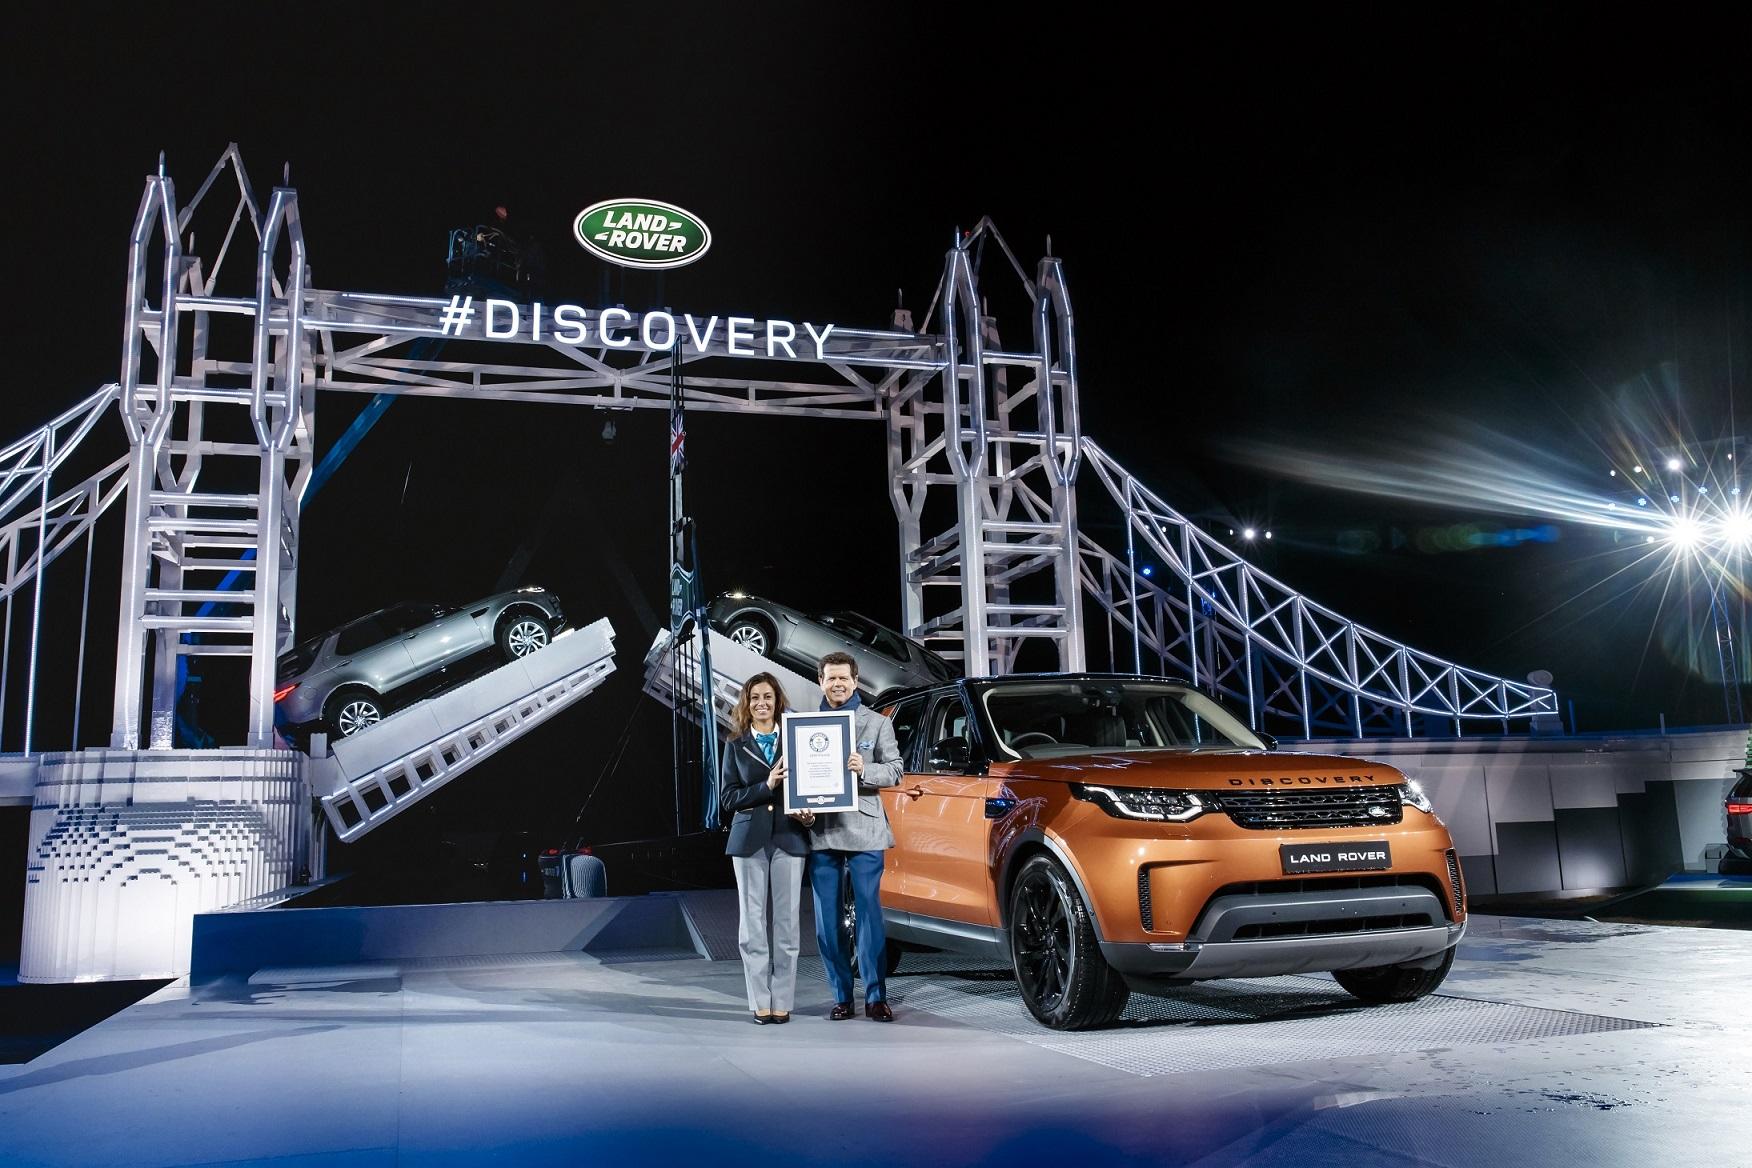 全新发现于巨型乐高伦敦塔桥模型上首发